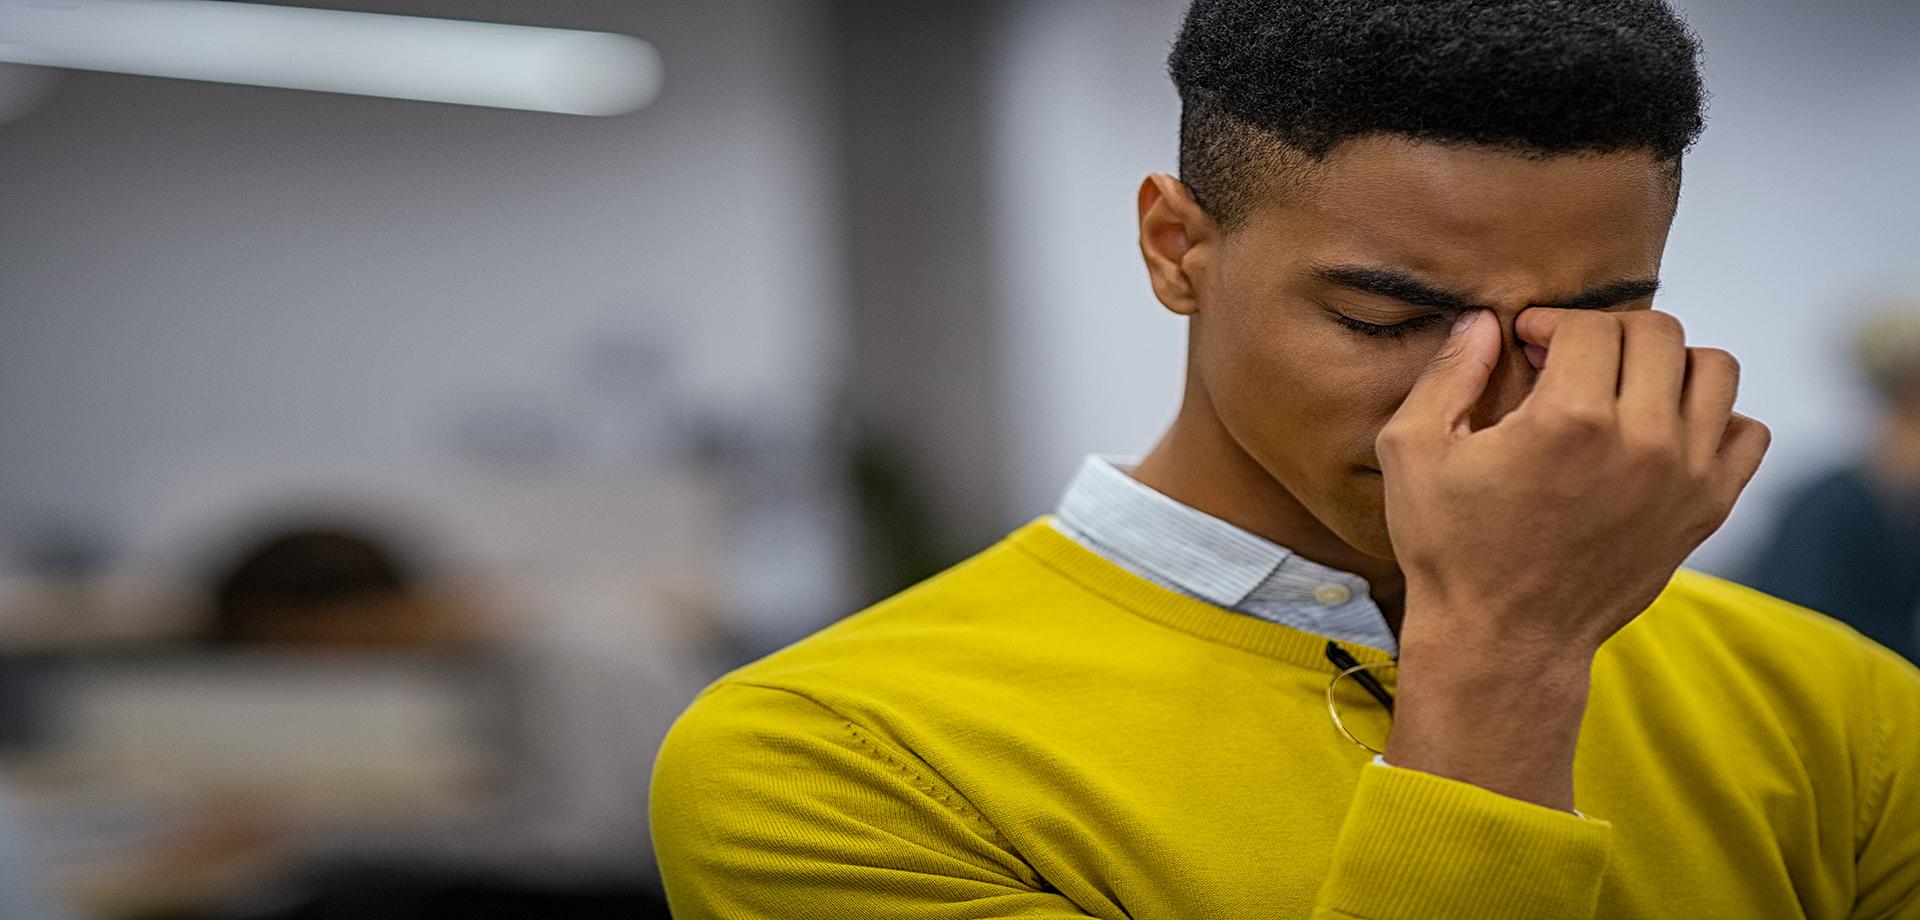 Cómo saber si la caída de pelo es por estrés